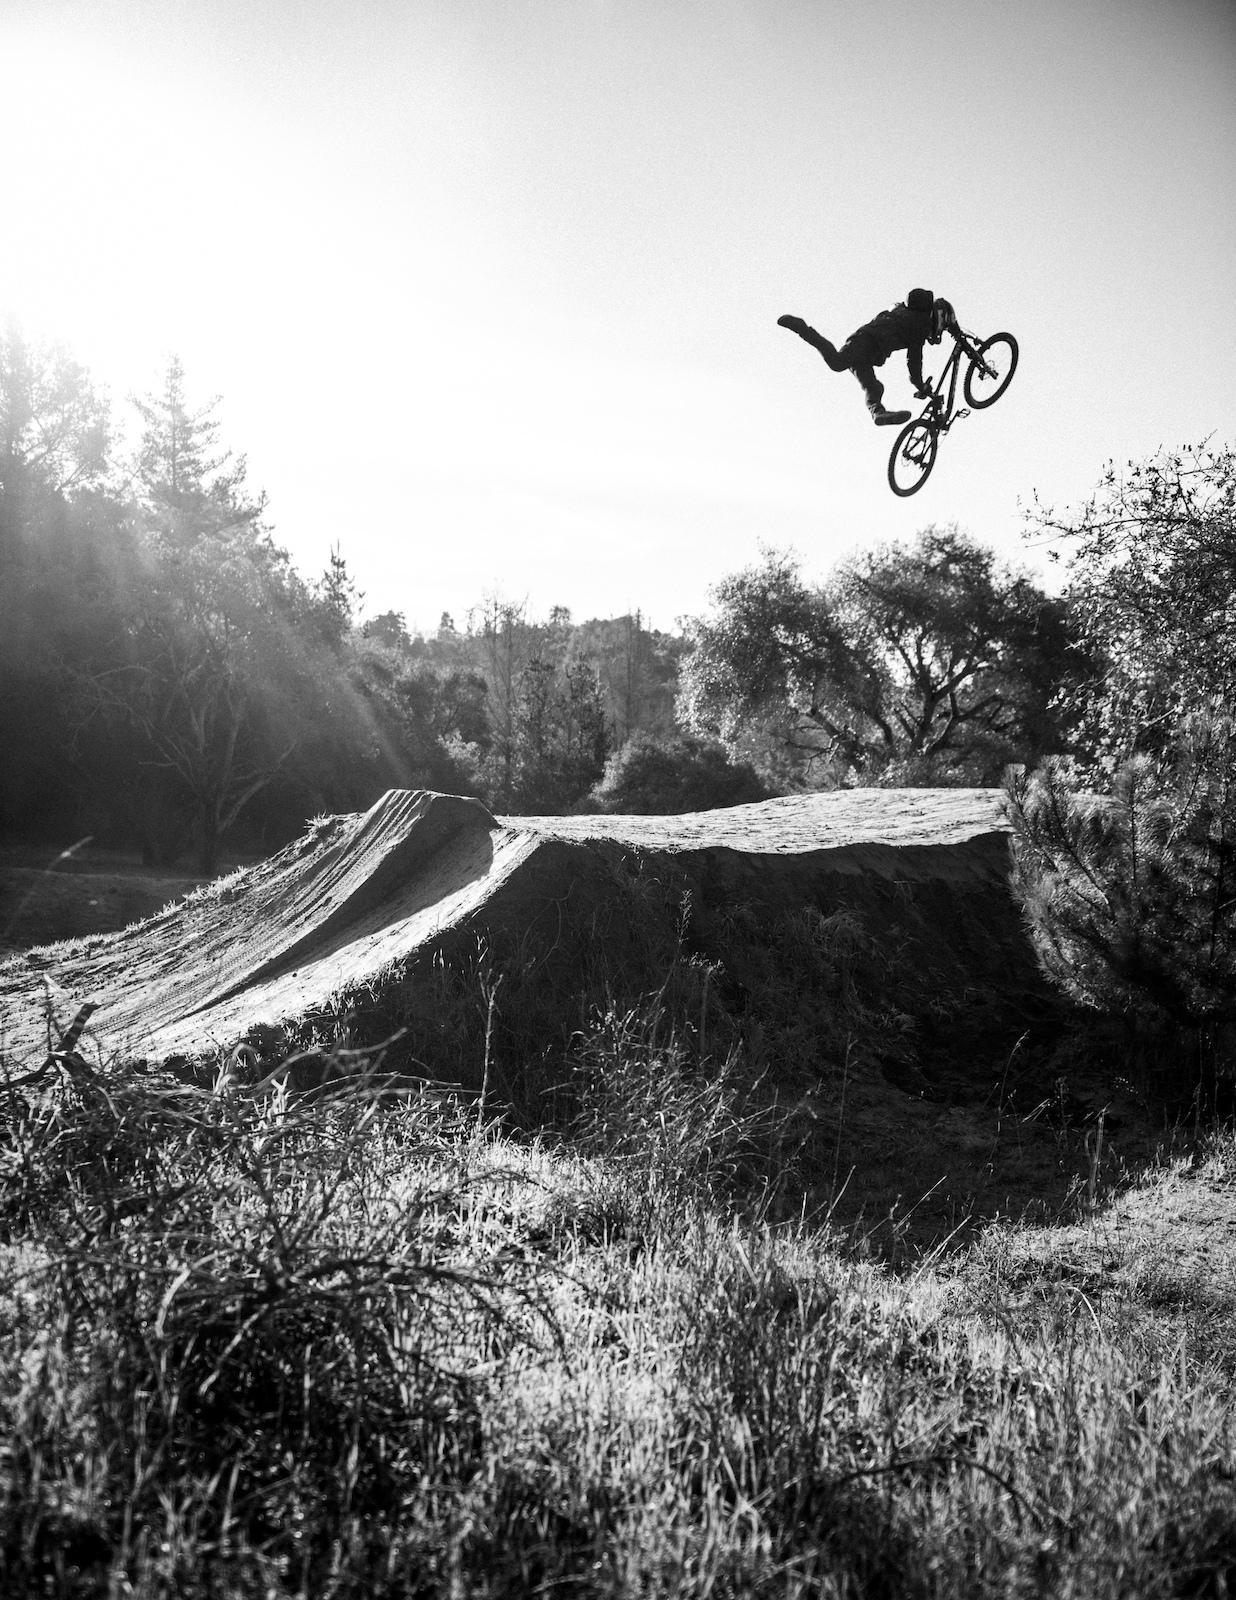 Brandon Semenuk in Simplicity. Photo Credit: Ross Measures